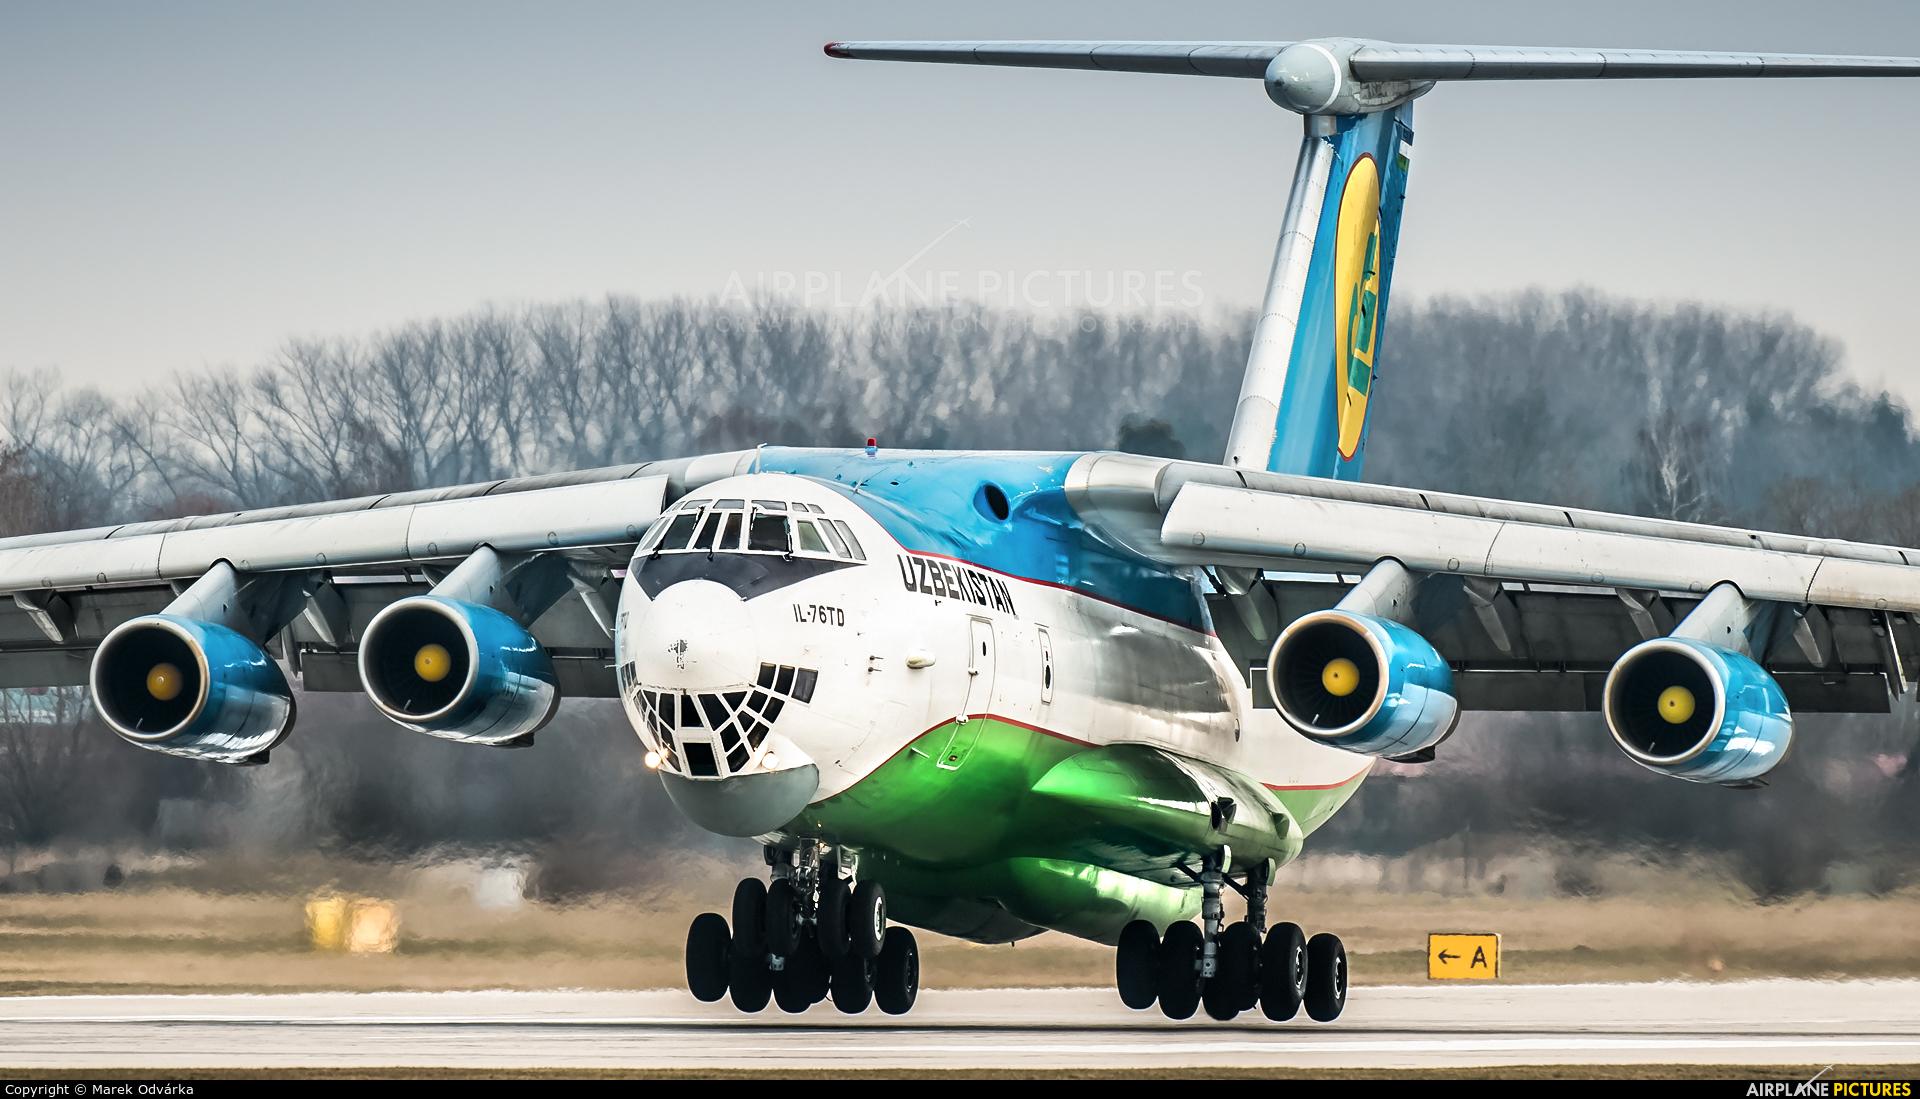 Uzbekistan Airways UK-76426 aircraft at Pardubice